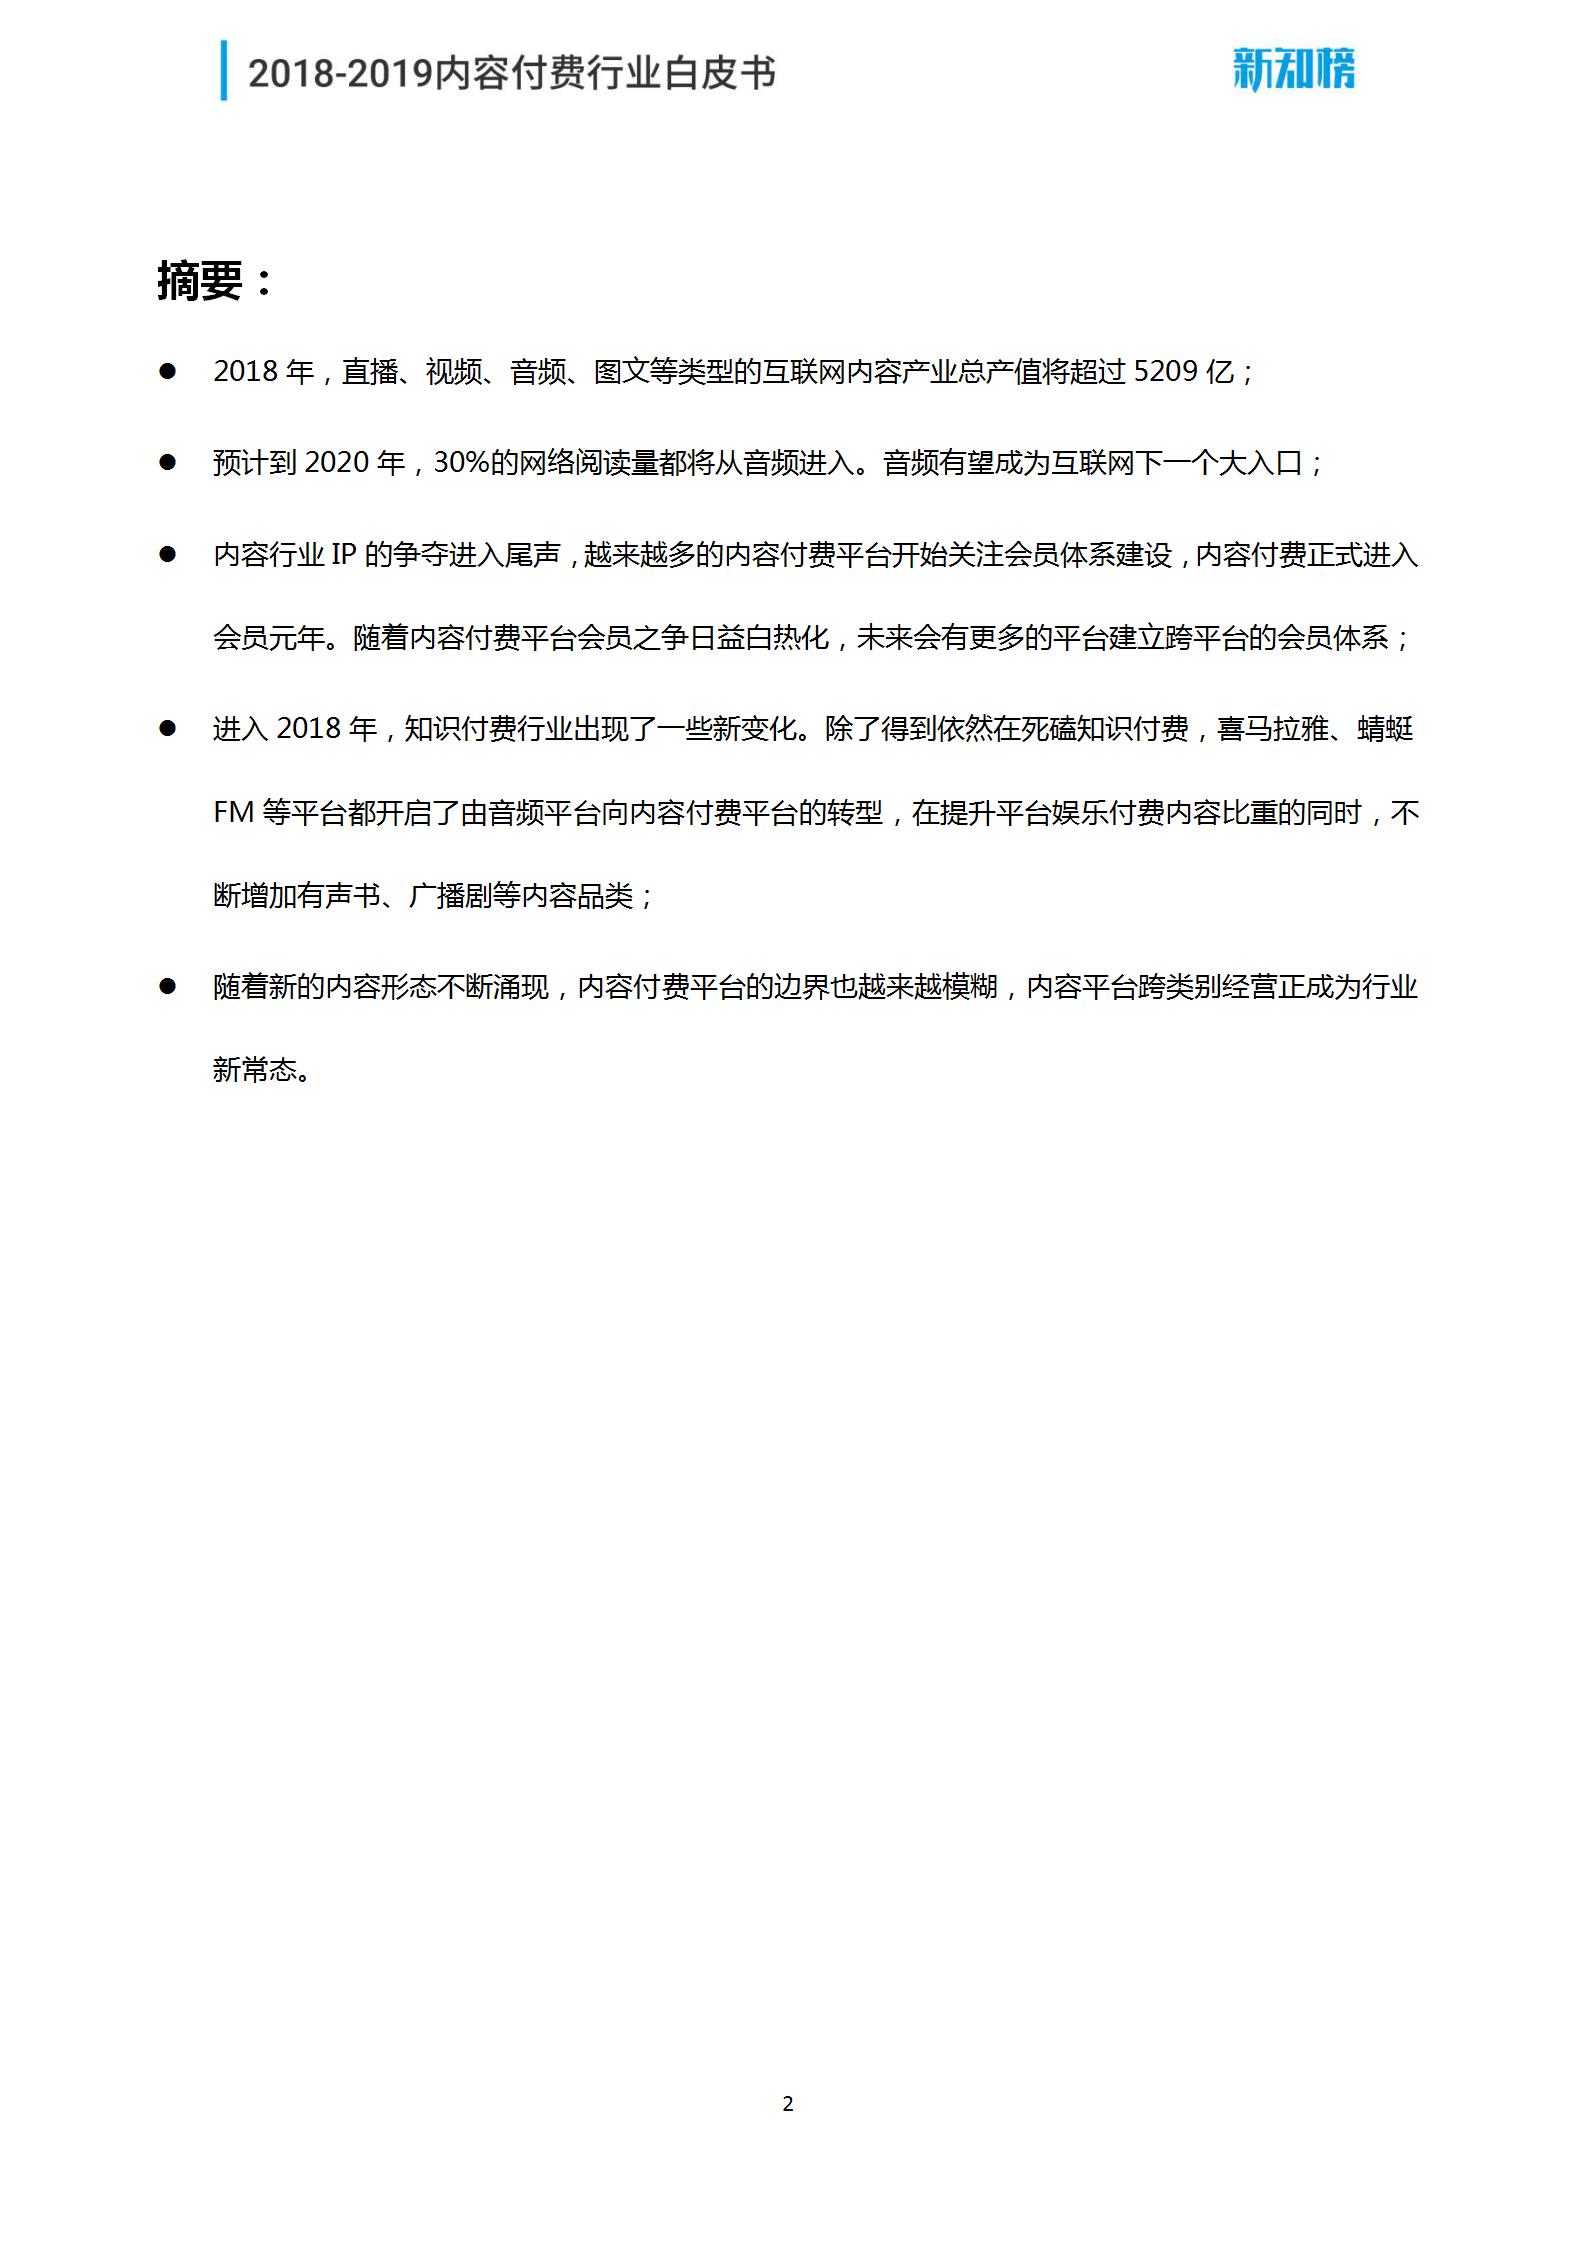 新知榜2018-2019内容付费行业白皮书_02.png